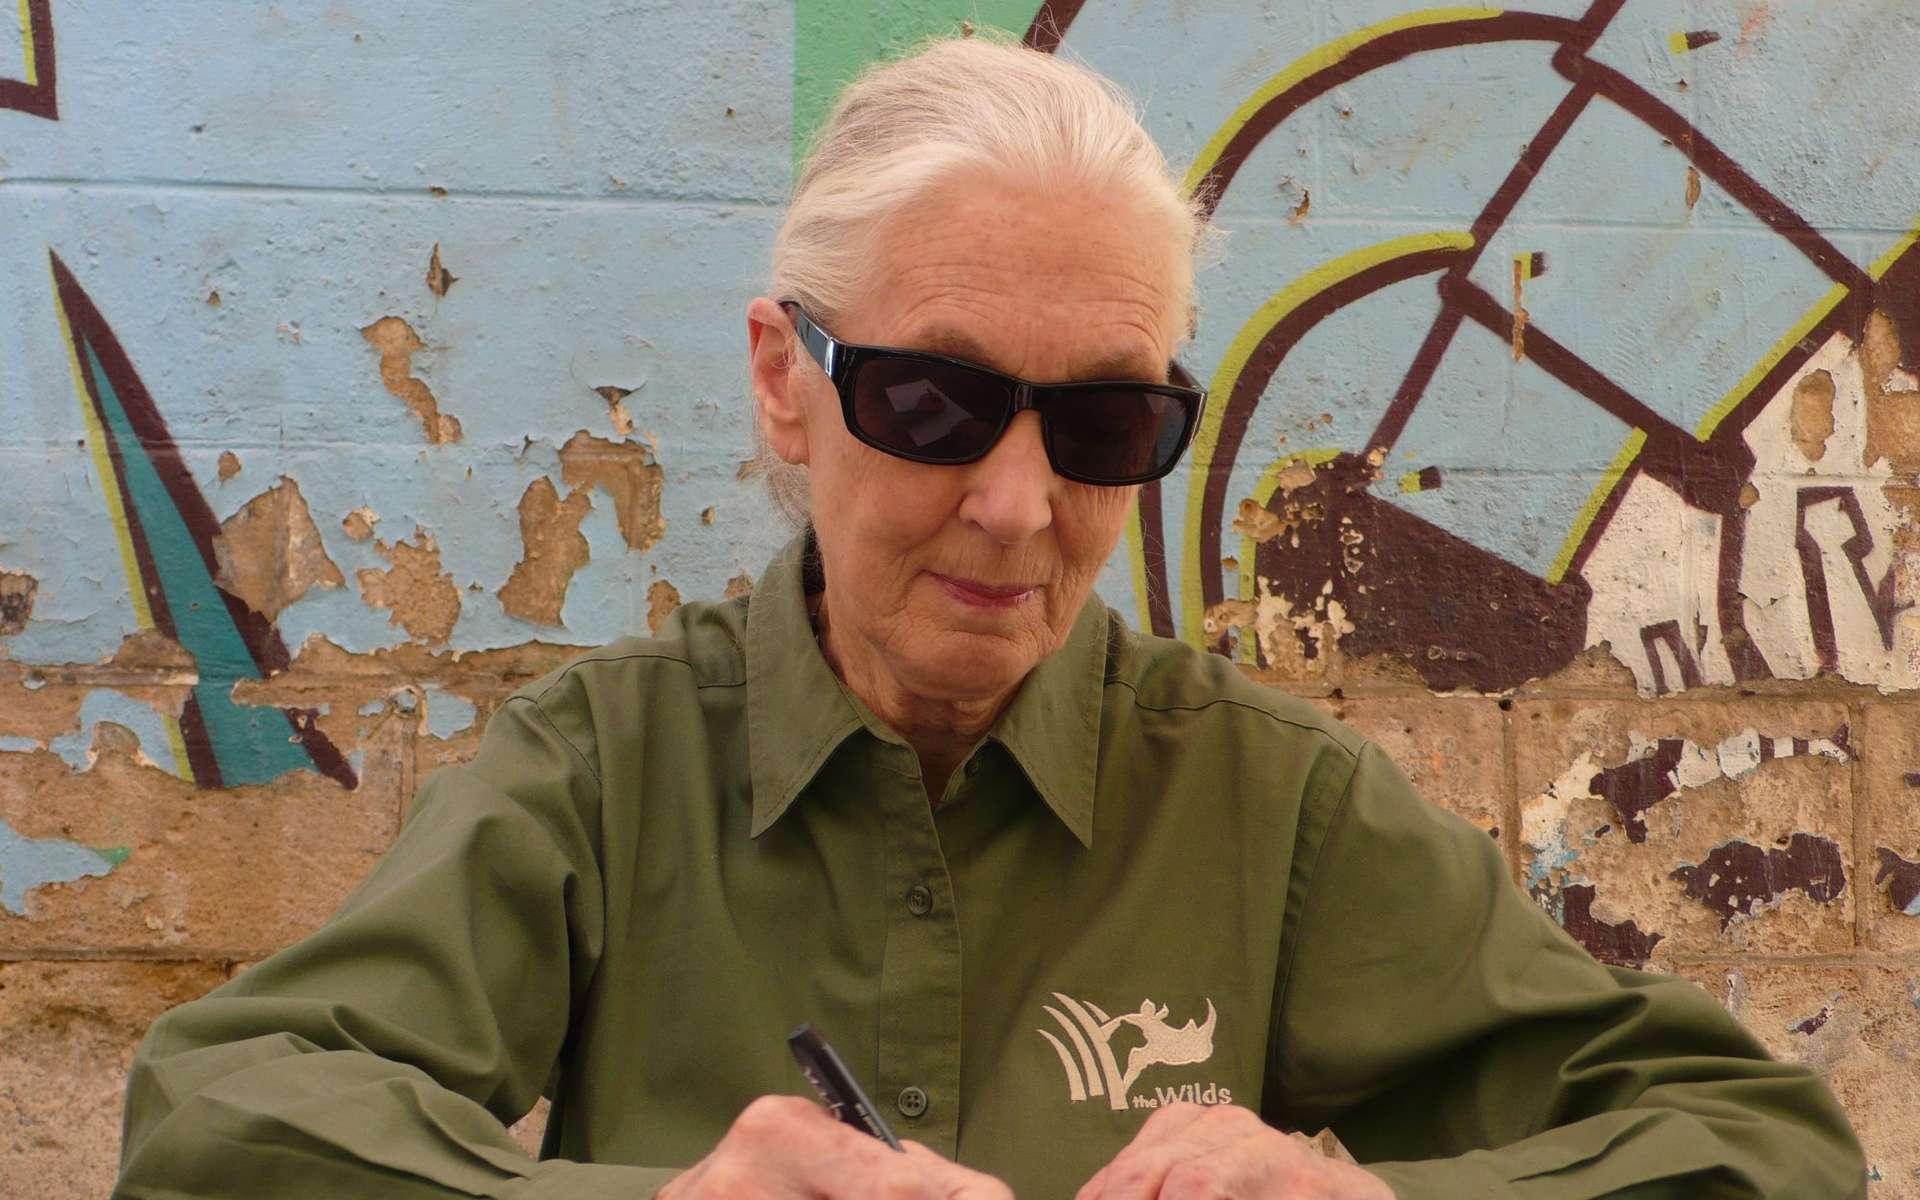 Jane Goodall a fêté en avril son 80e anniversaire. Après l'Espagne et la Belgique, elle est passée par la France pour diffuser son message d'espoir et ses appel à l'engagement. © Jean-Luc Goudet, Futura-Sciences